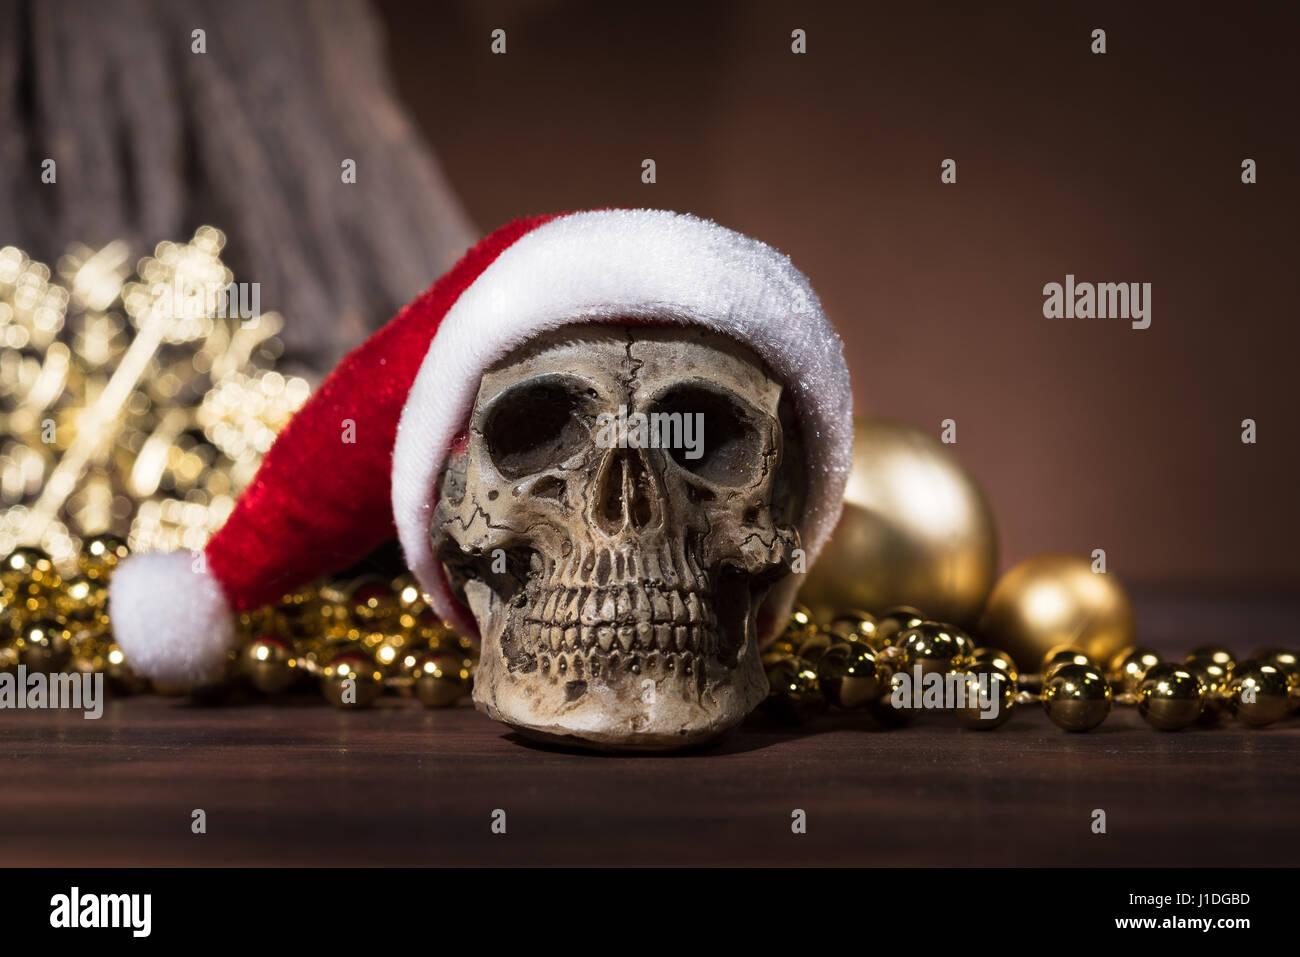 Stillleben mit Santa Claus Schädel mit gold Weihnachtskugeln und ...